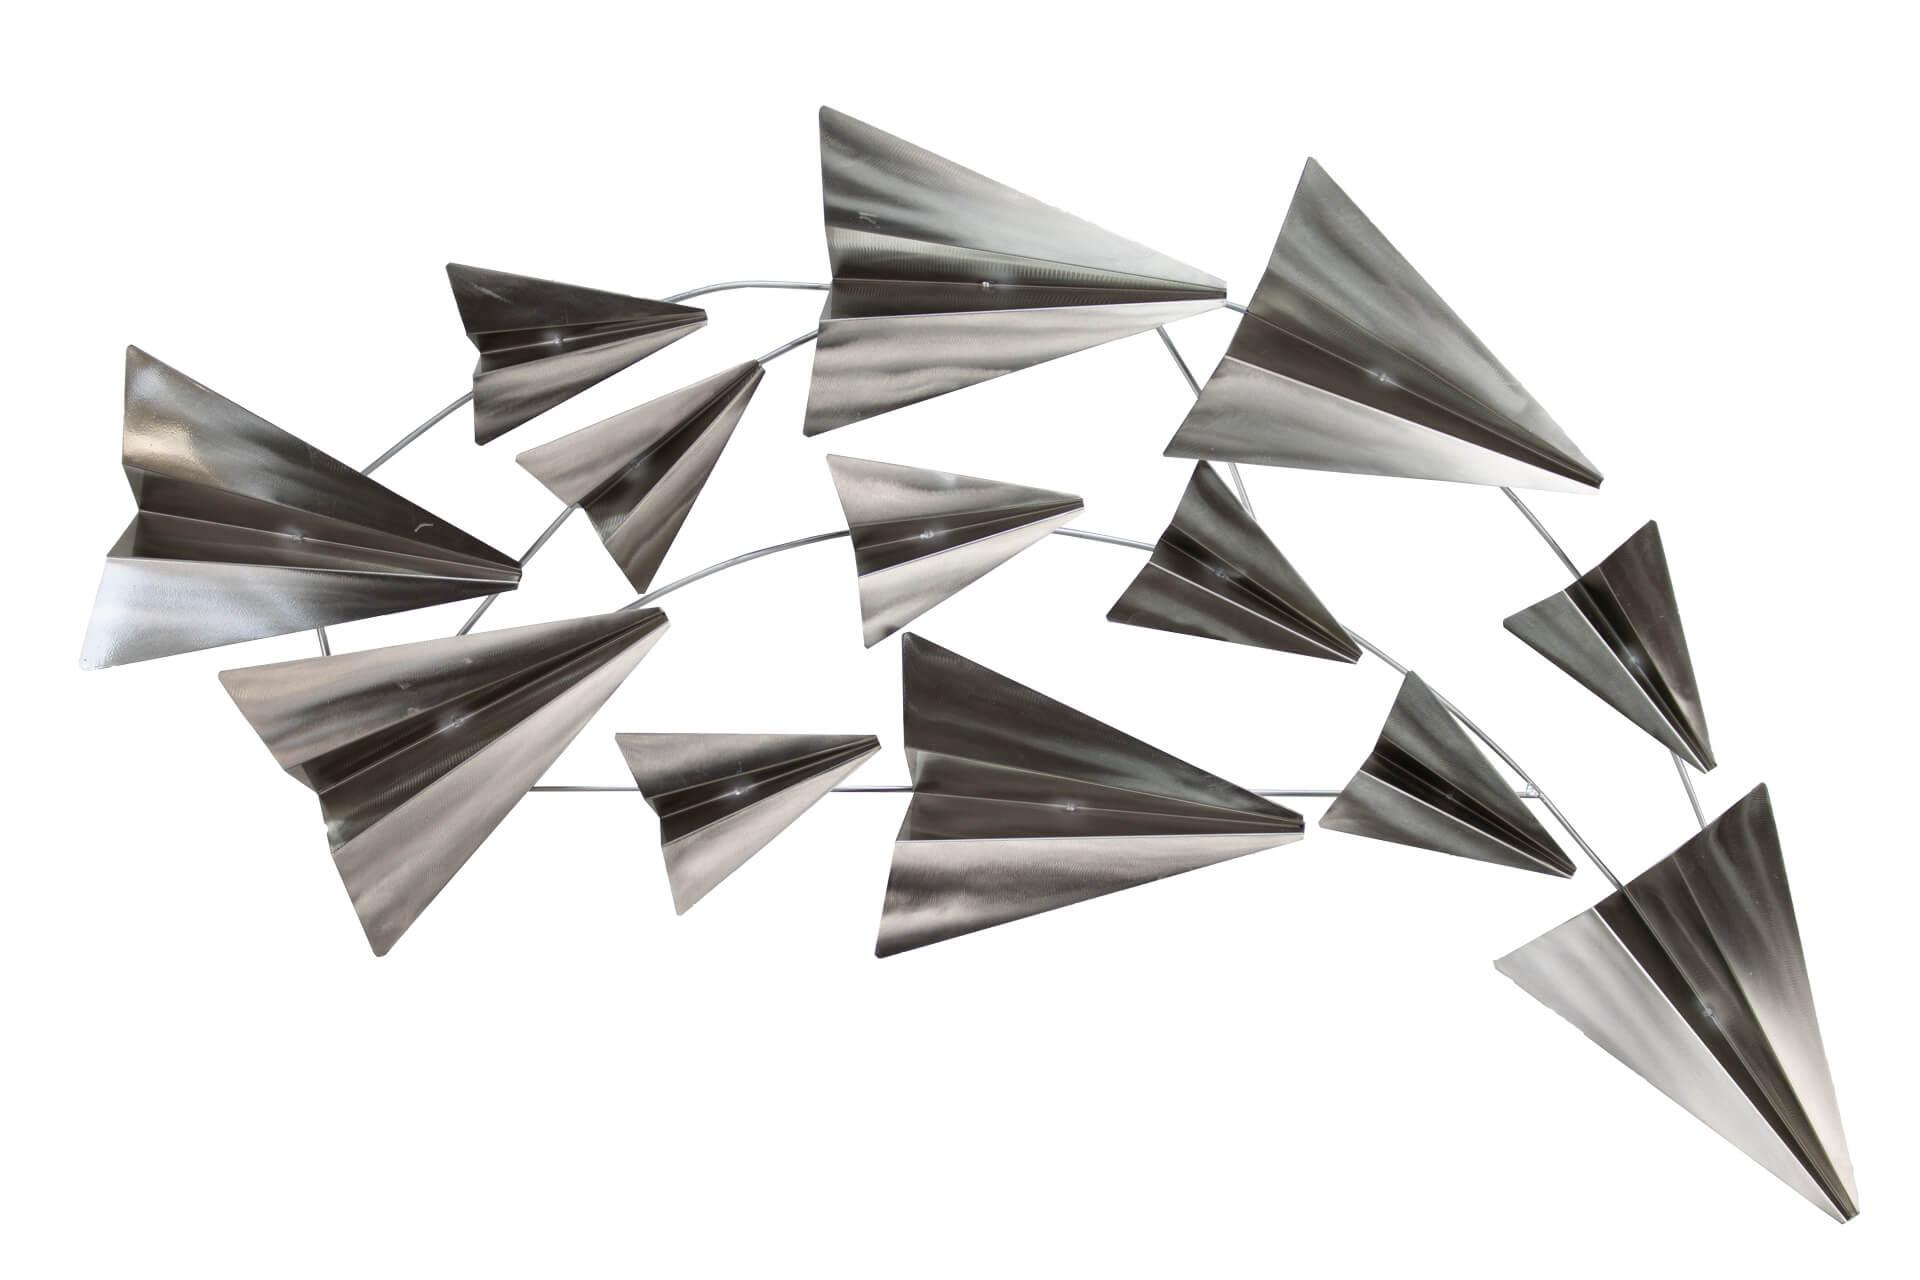 KL papierflugzeuge silber wanddeko metall wandskulptur wandbilder aus metall 01